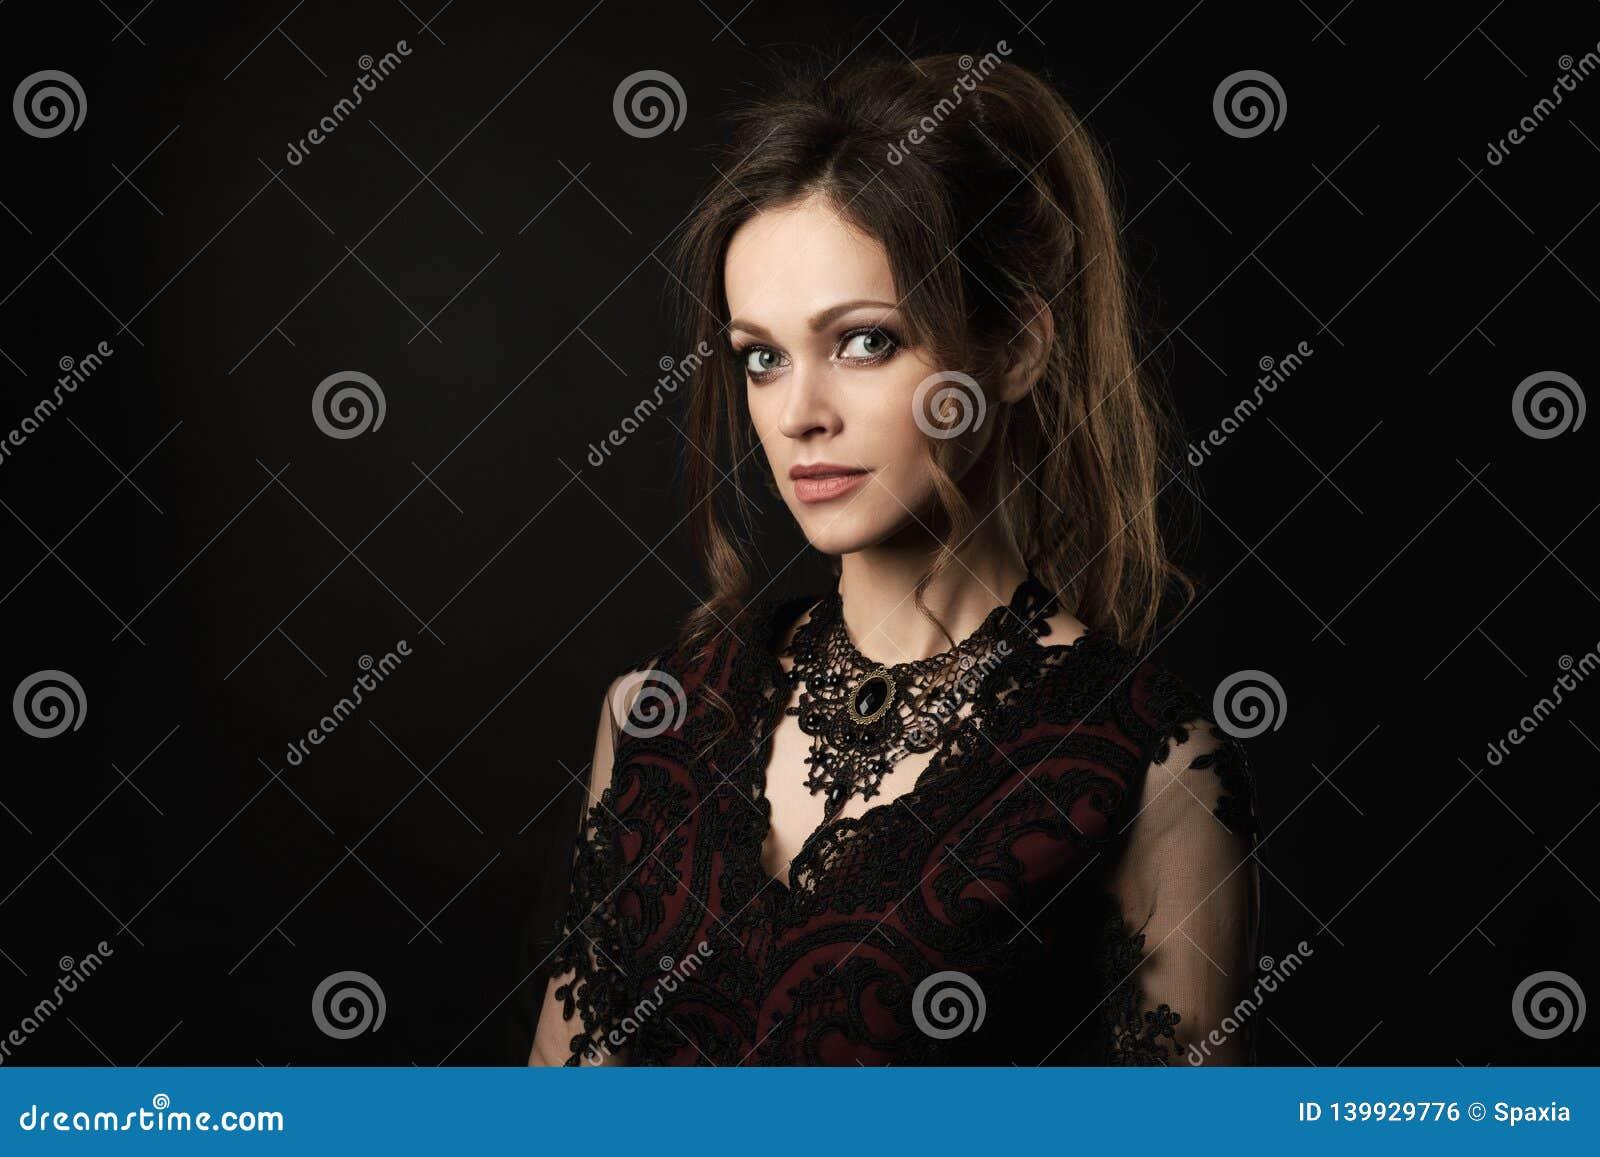 Retrato de una mujer morena smilling